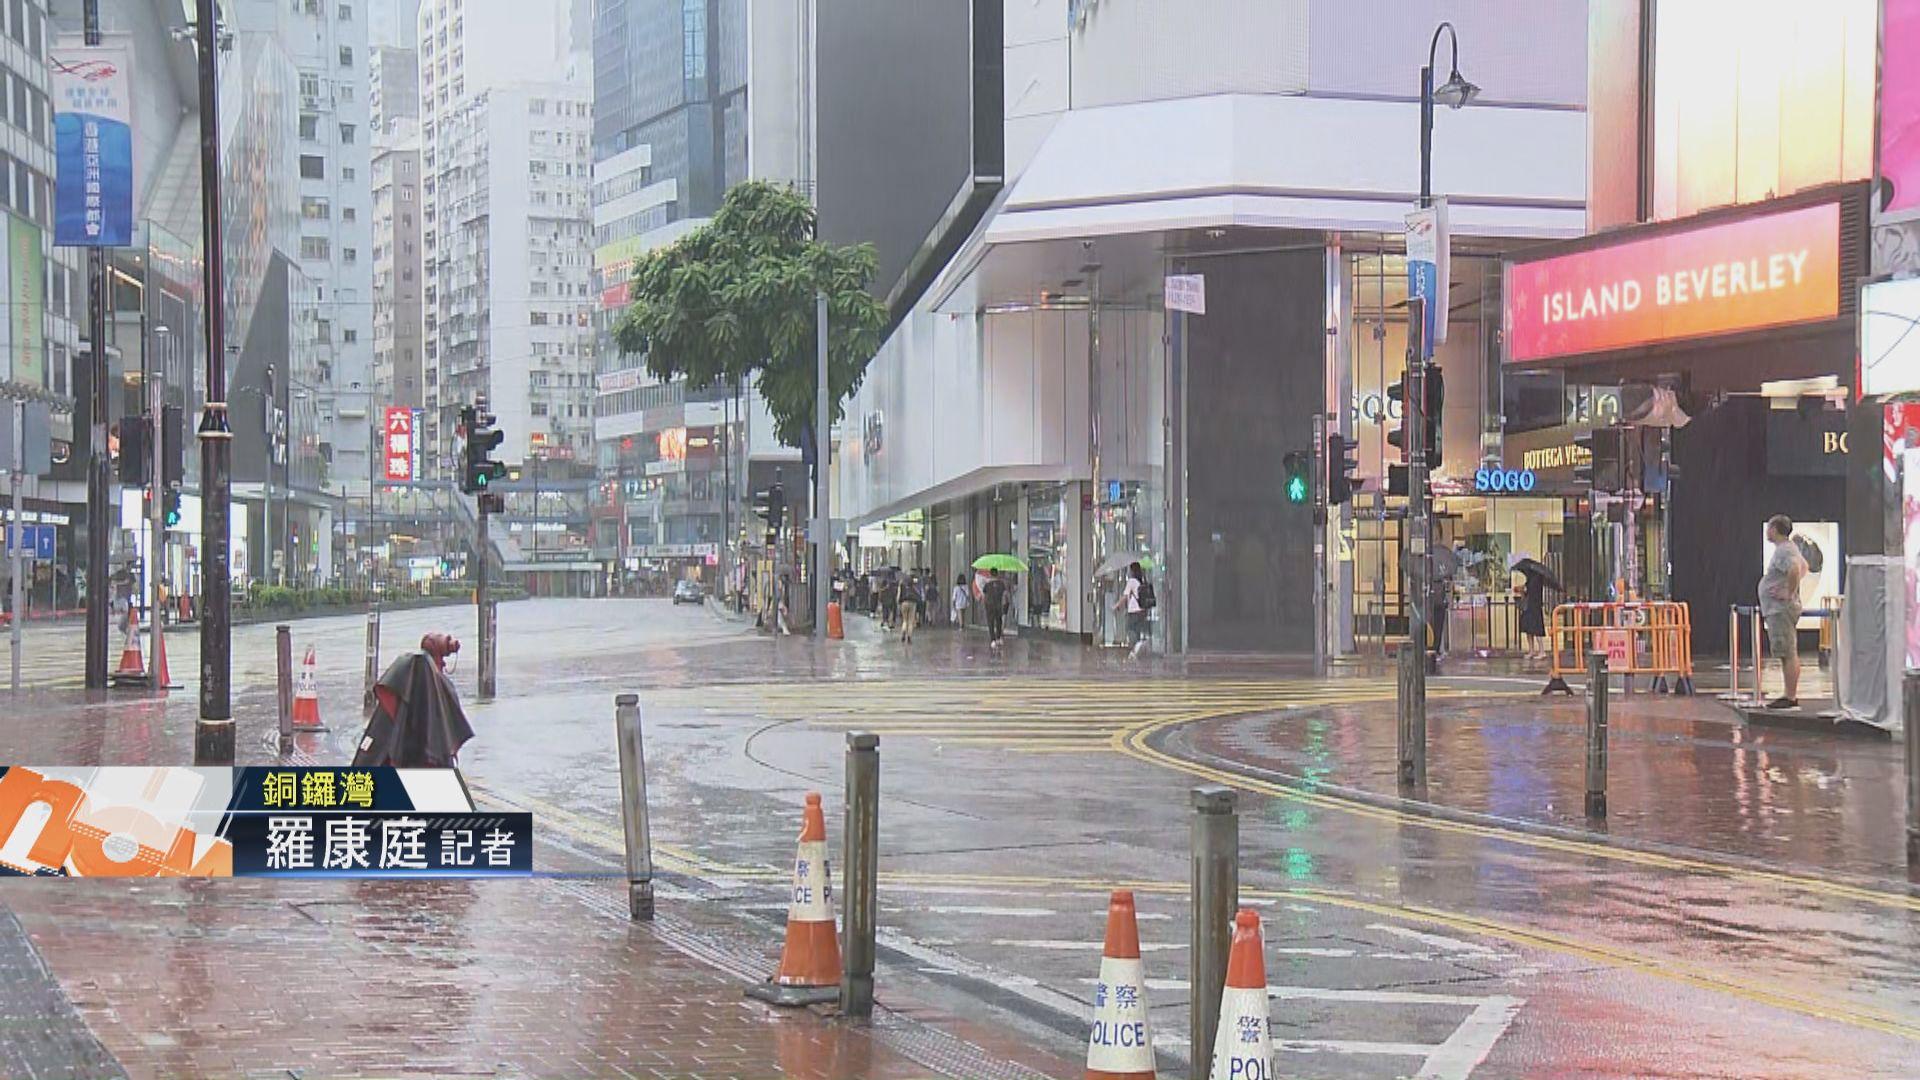 【現場報道‧銅鑼灣】韋帕未來數小時最接近本港